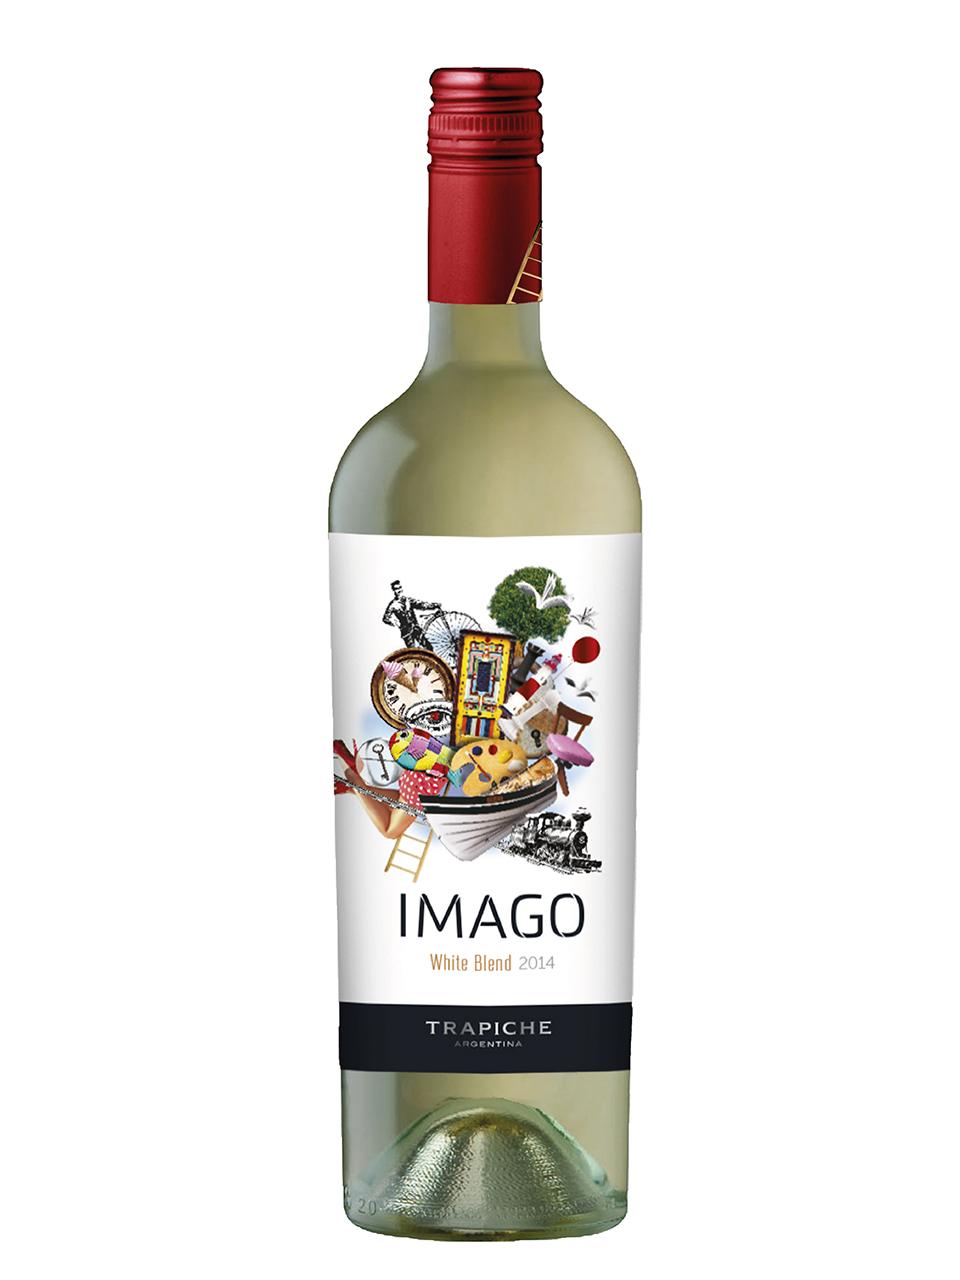 Trapiche Imago White Blend